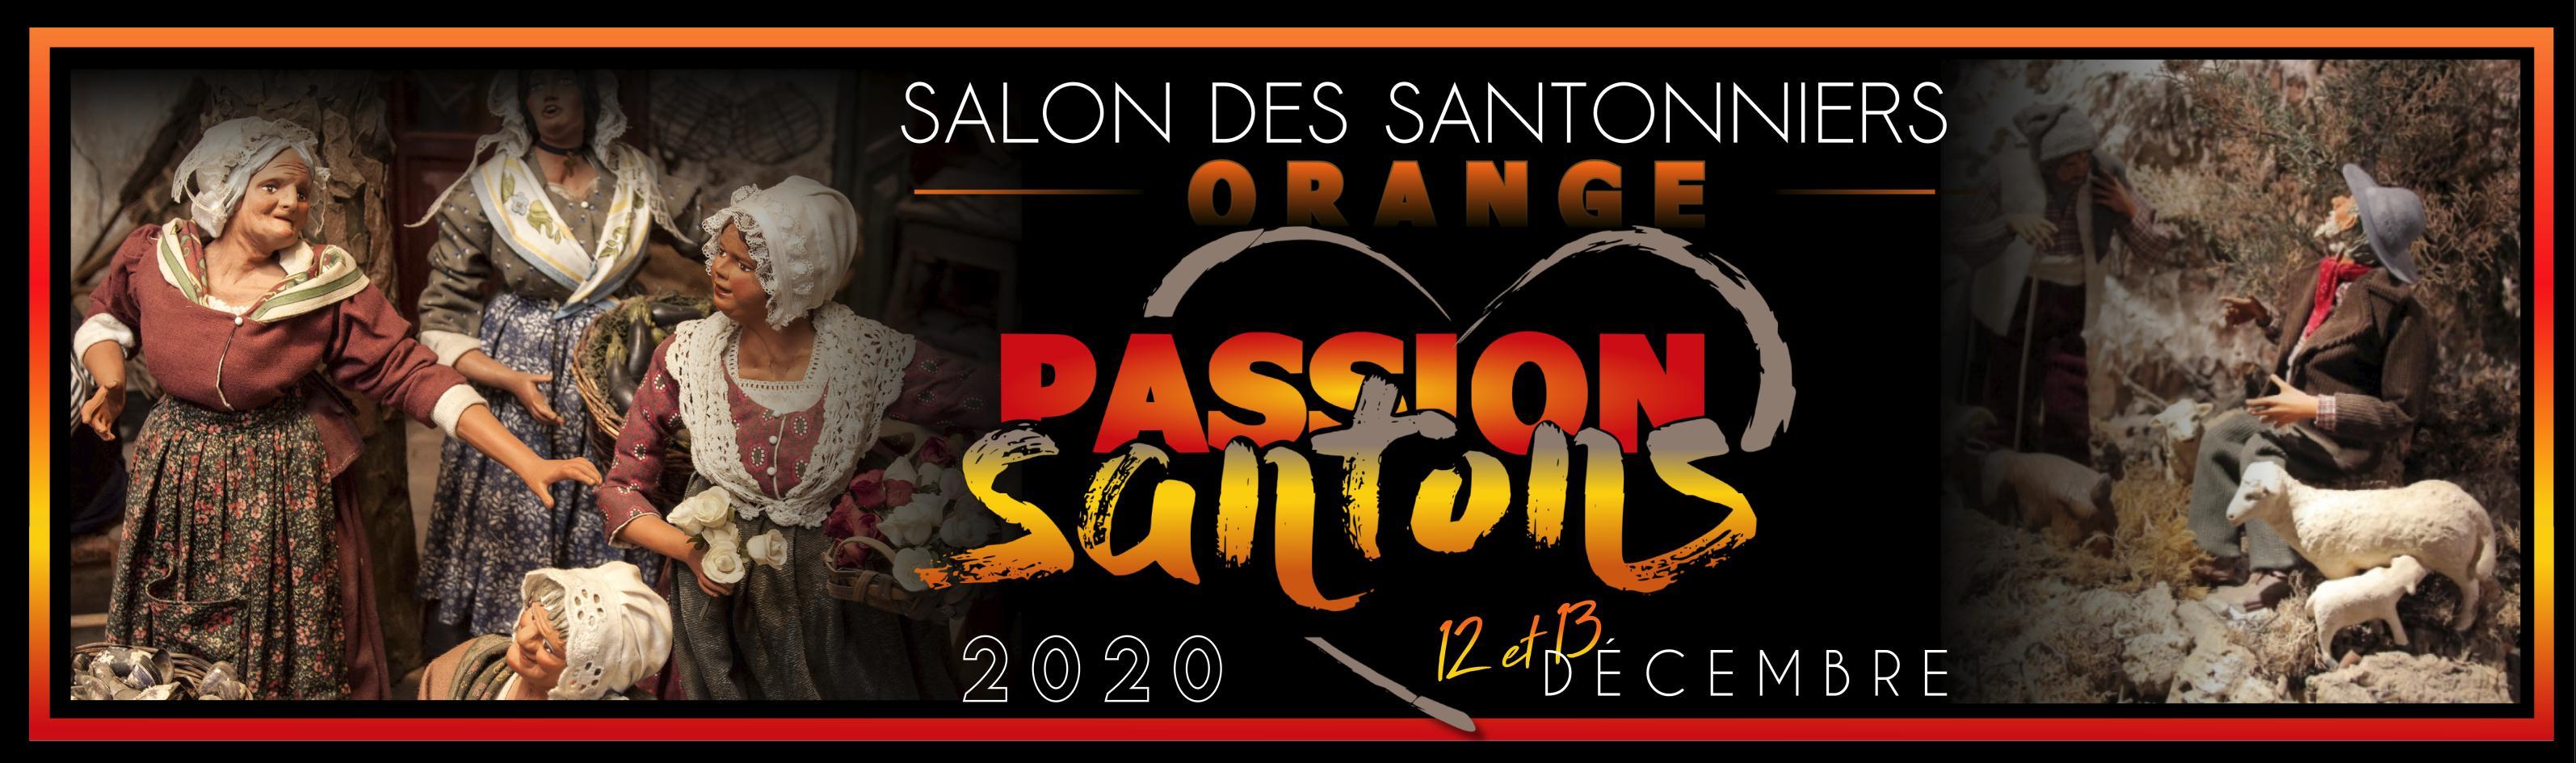 Arts Direct et le Salon des santonniers Orange